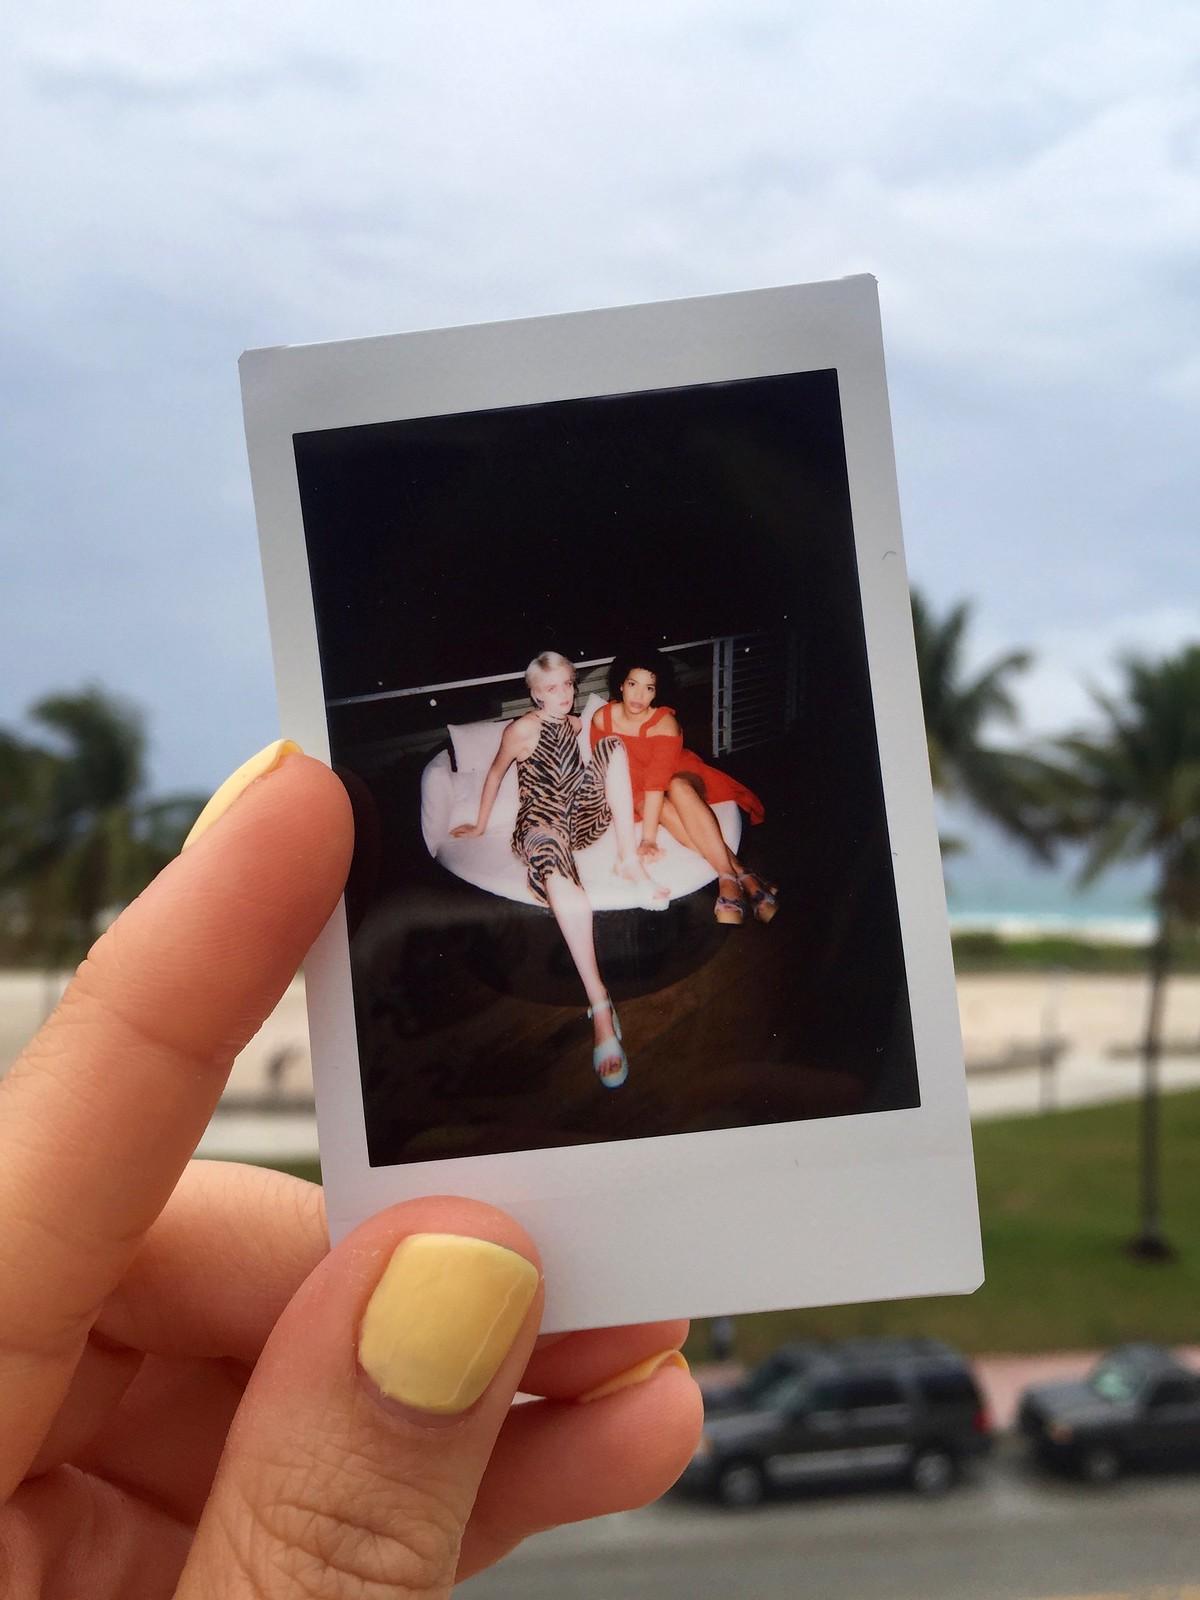 Miami Florida 25th 9